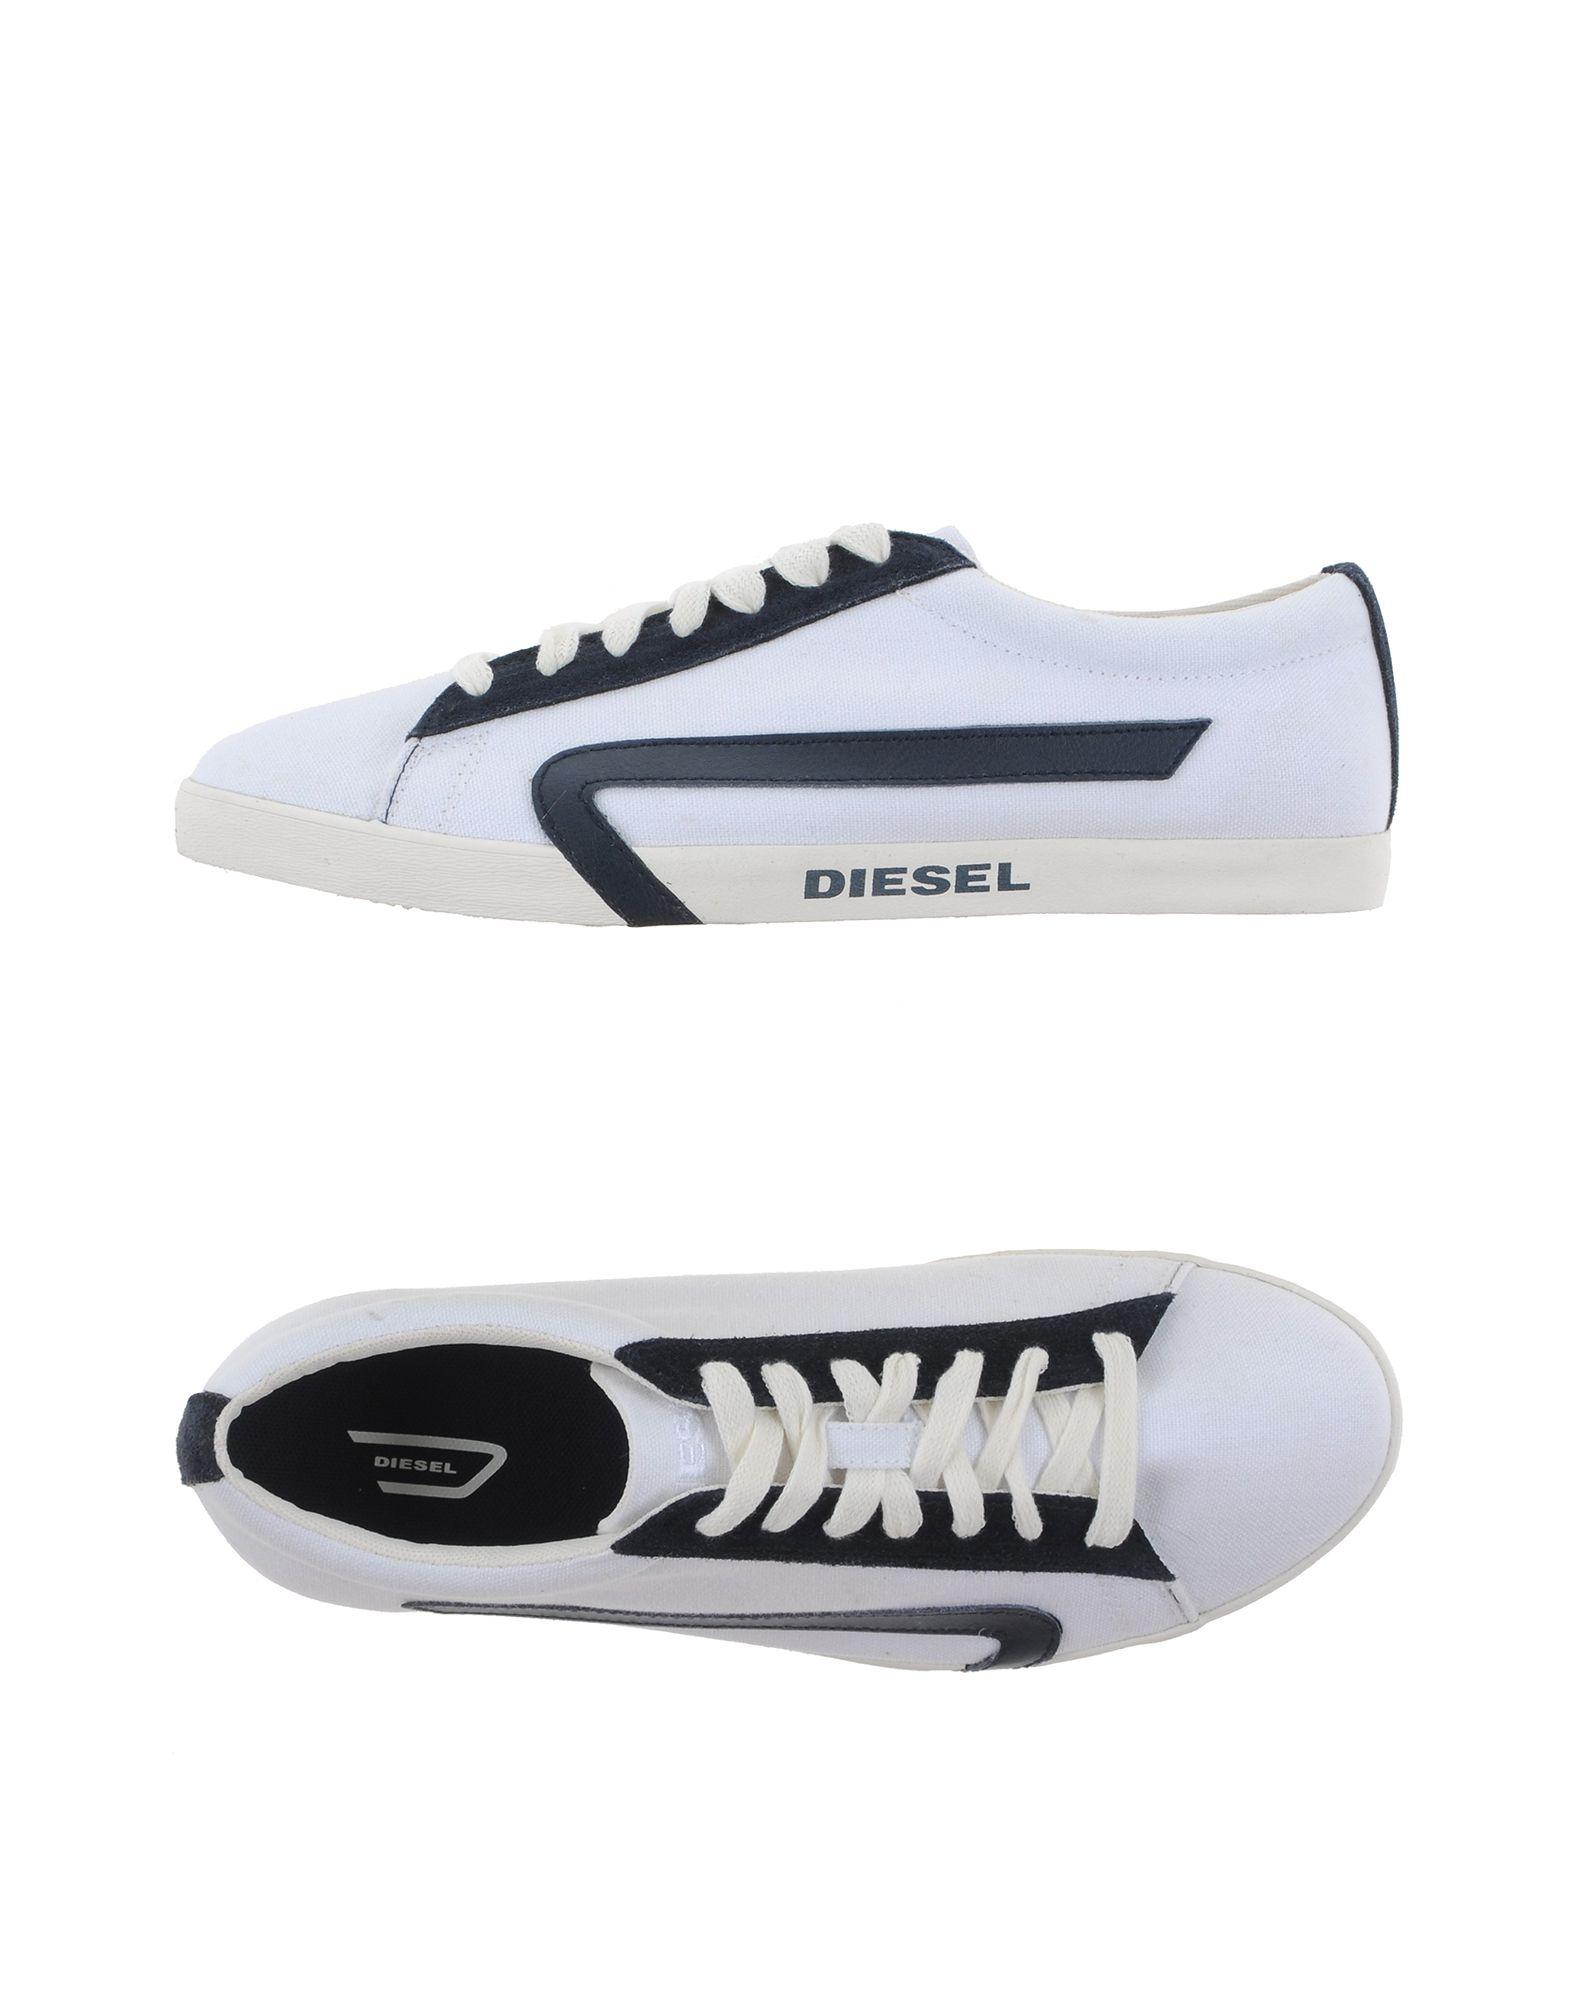 Diesel  Sneakers Herren  Diesel 11087412ER Heiße Schuhe 19d652